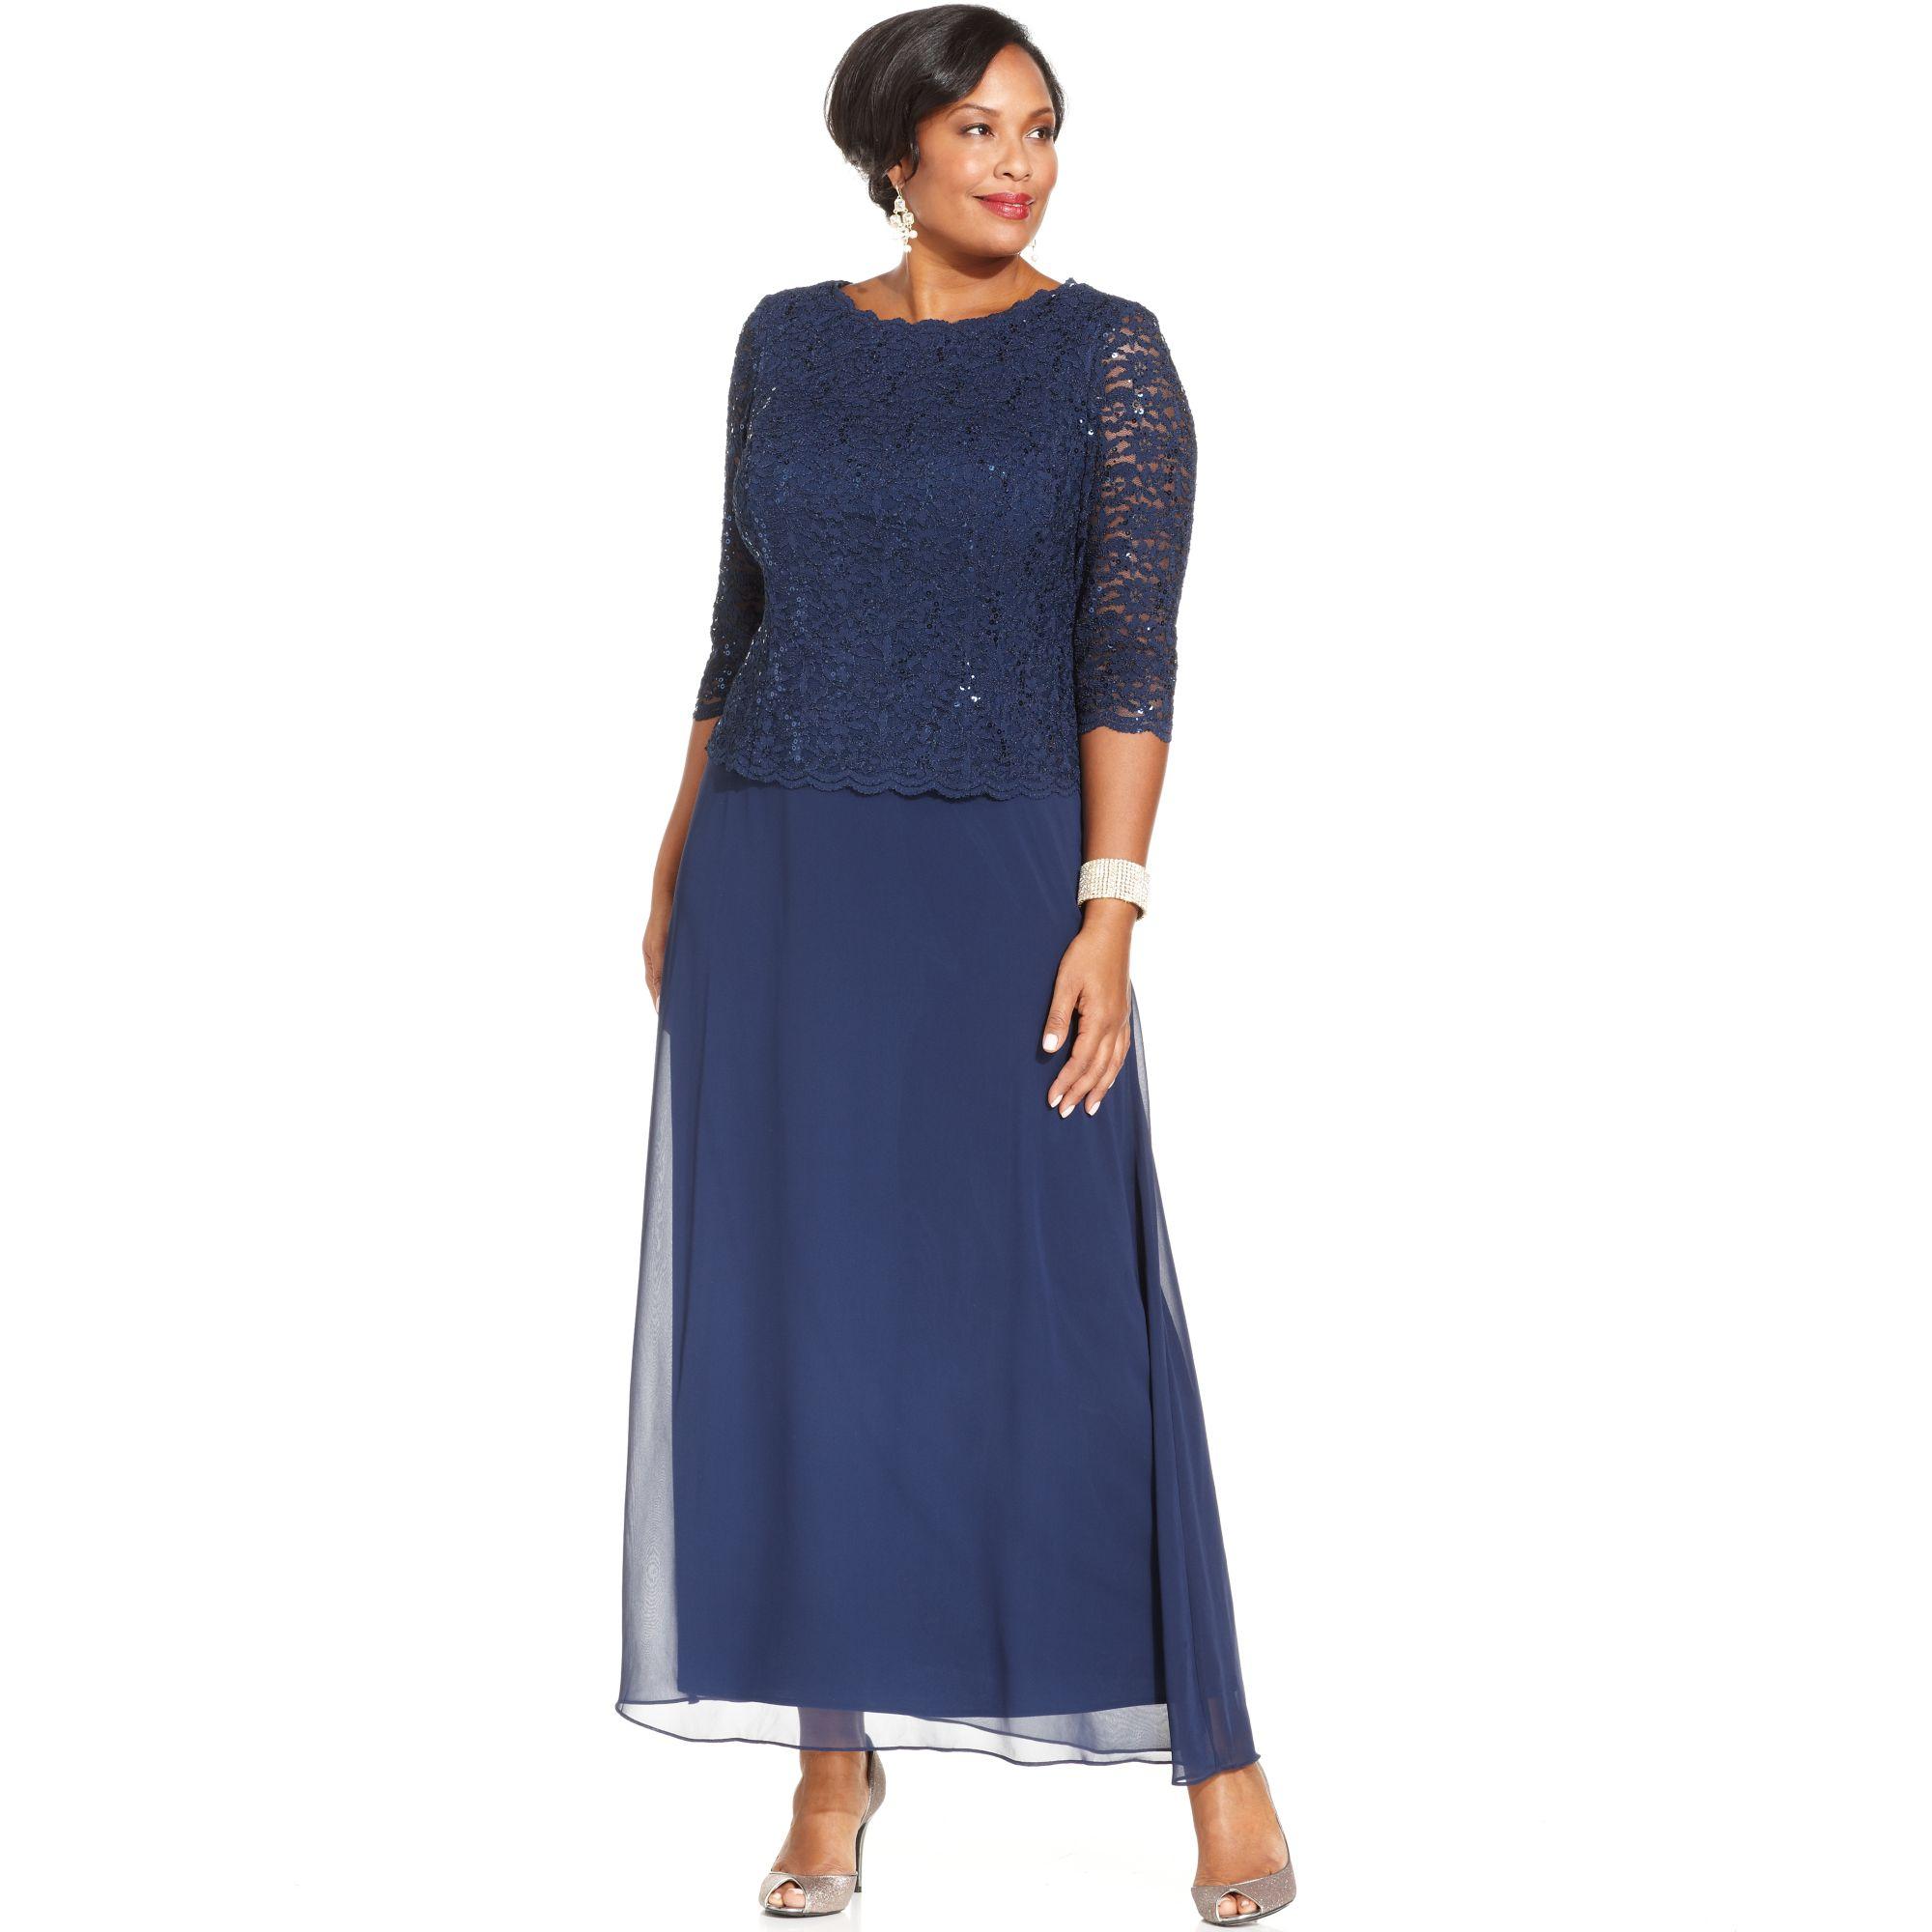 Where to buy alex evening dresses